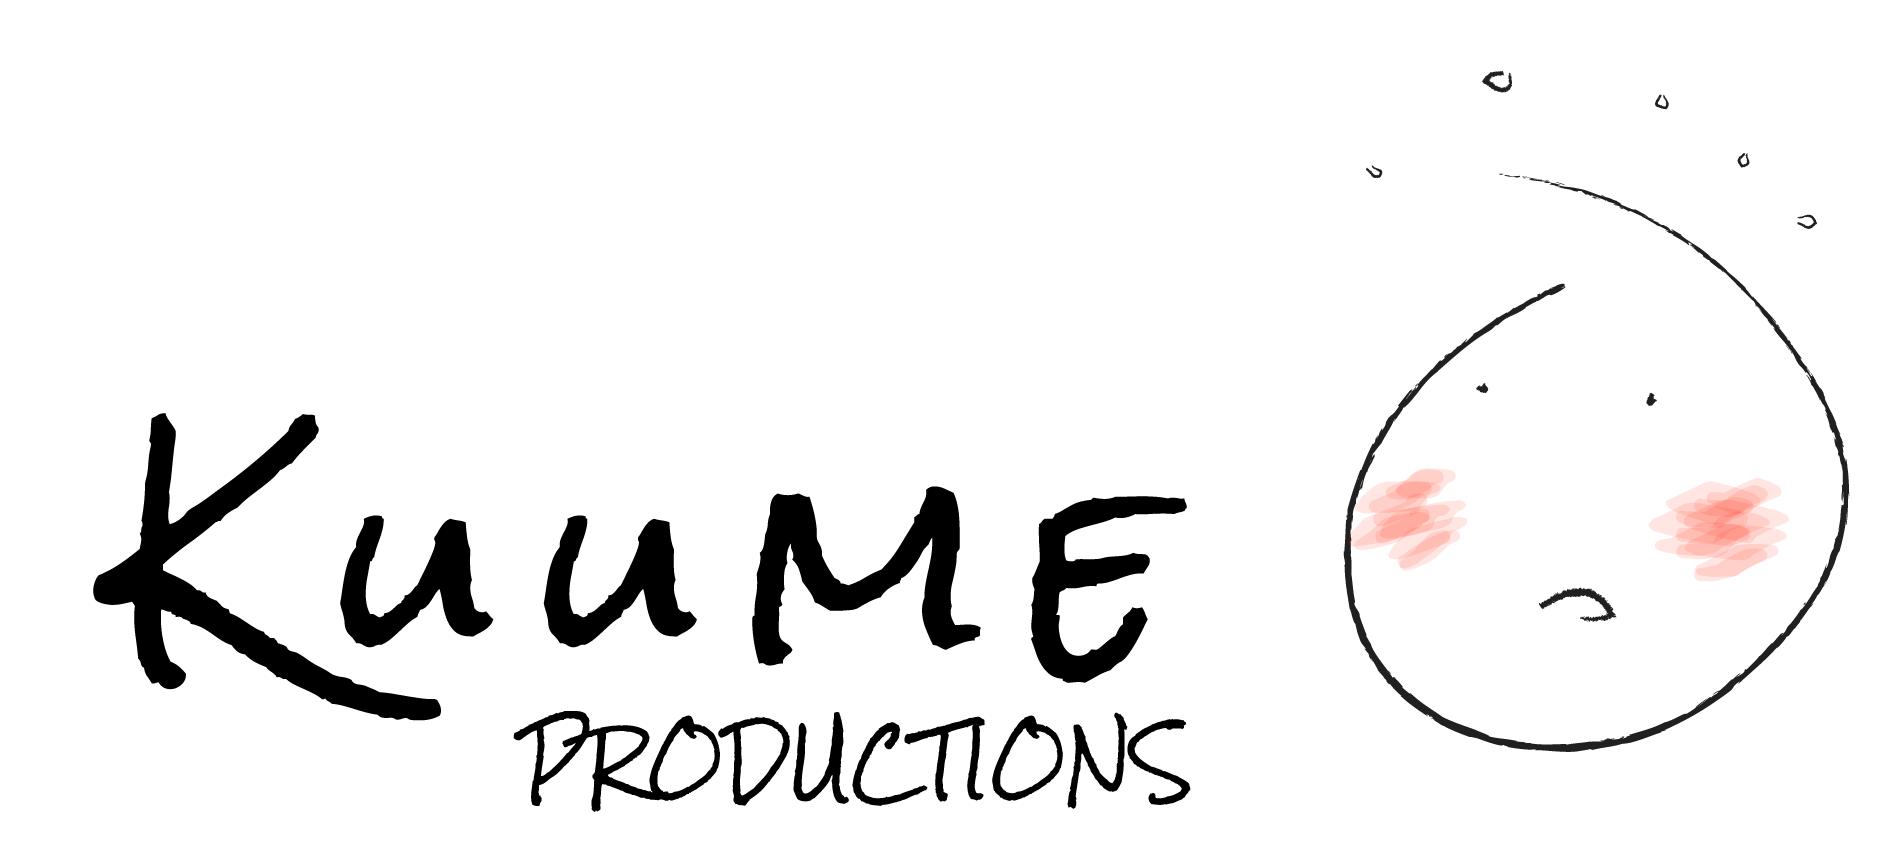 Kuume Productions